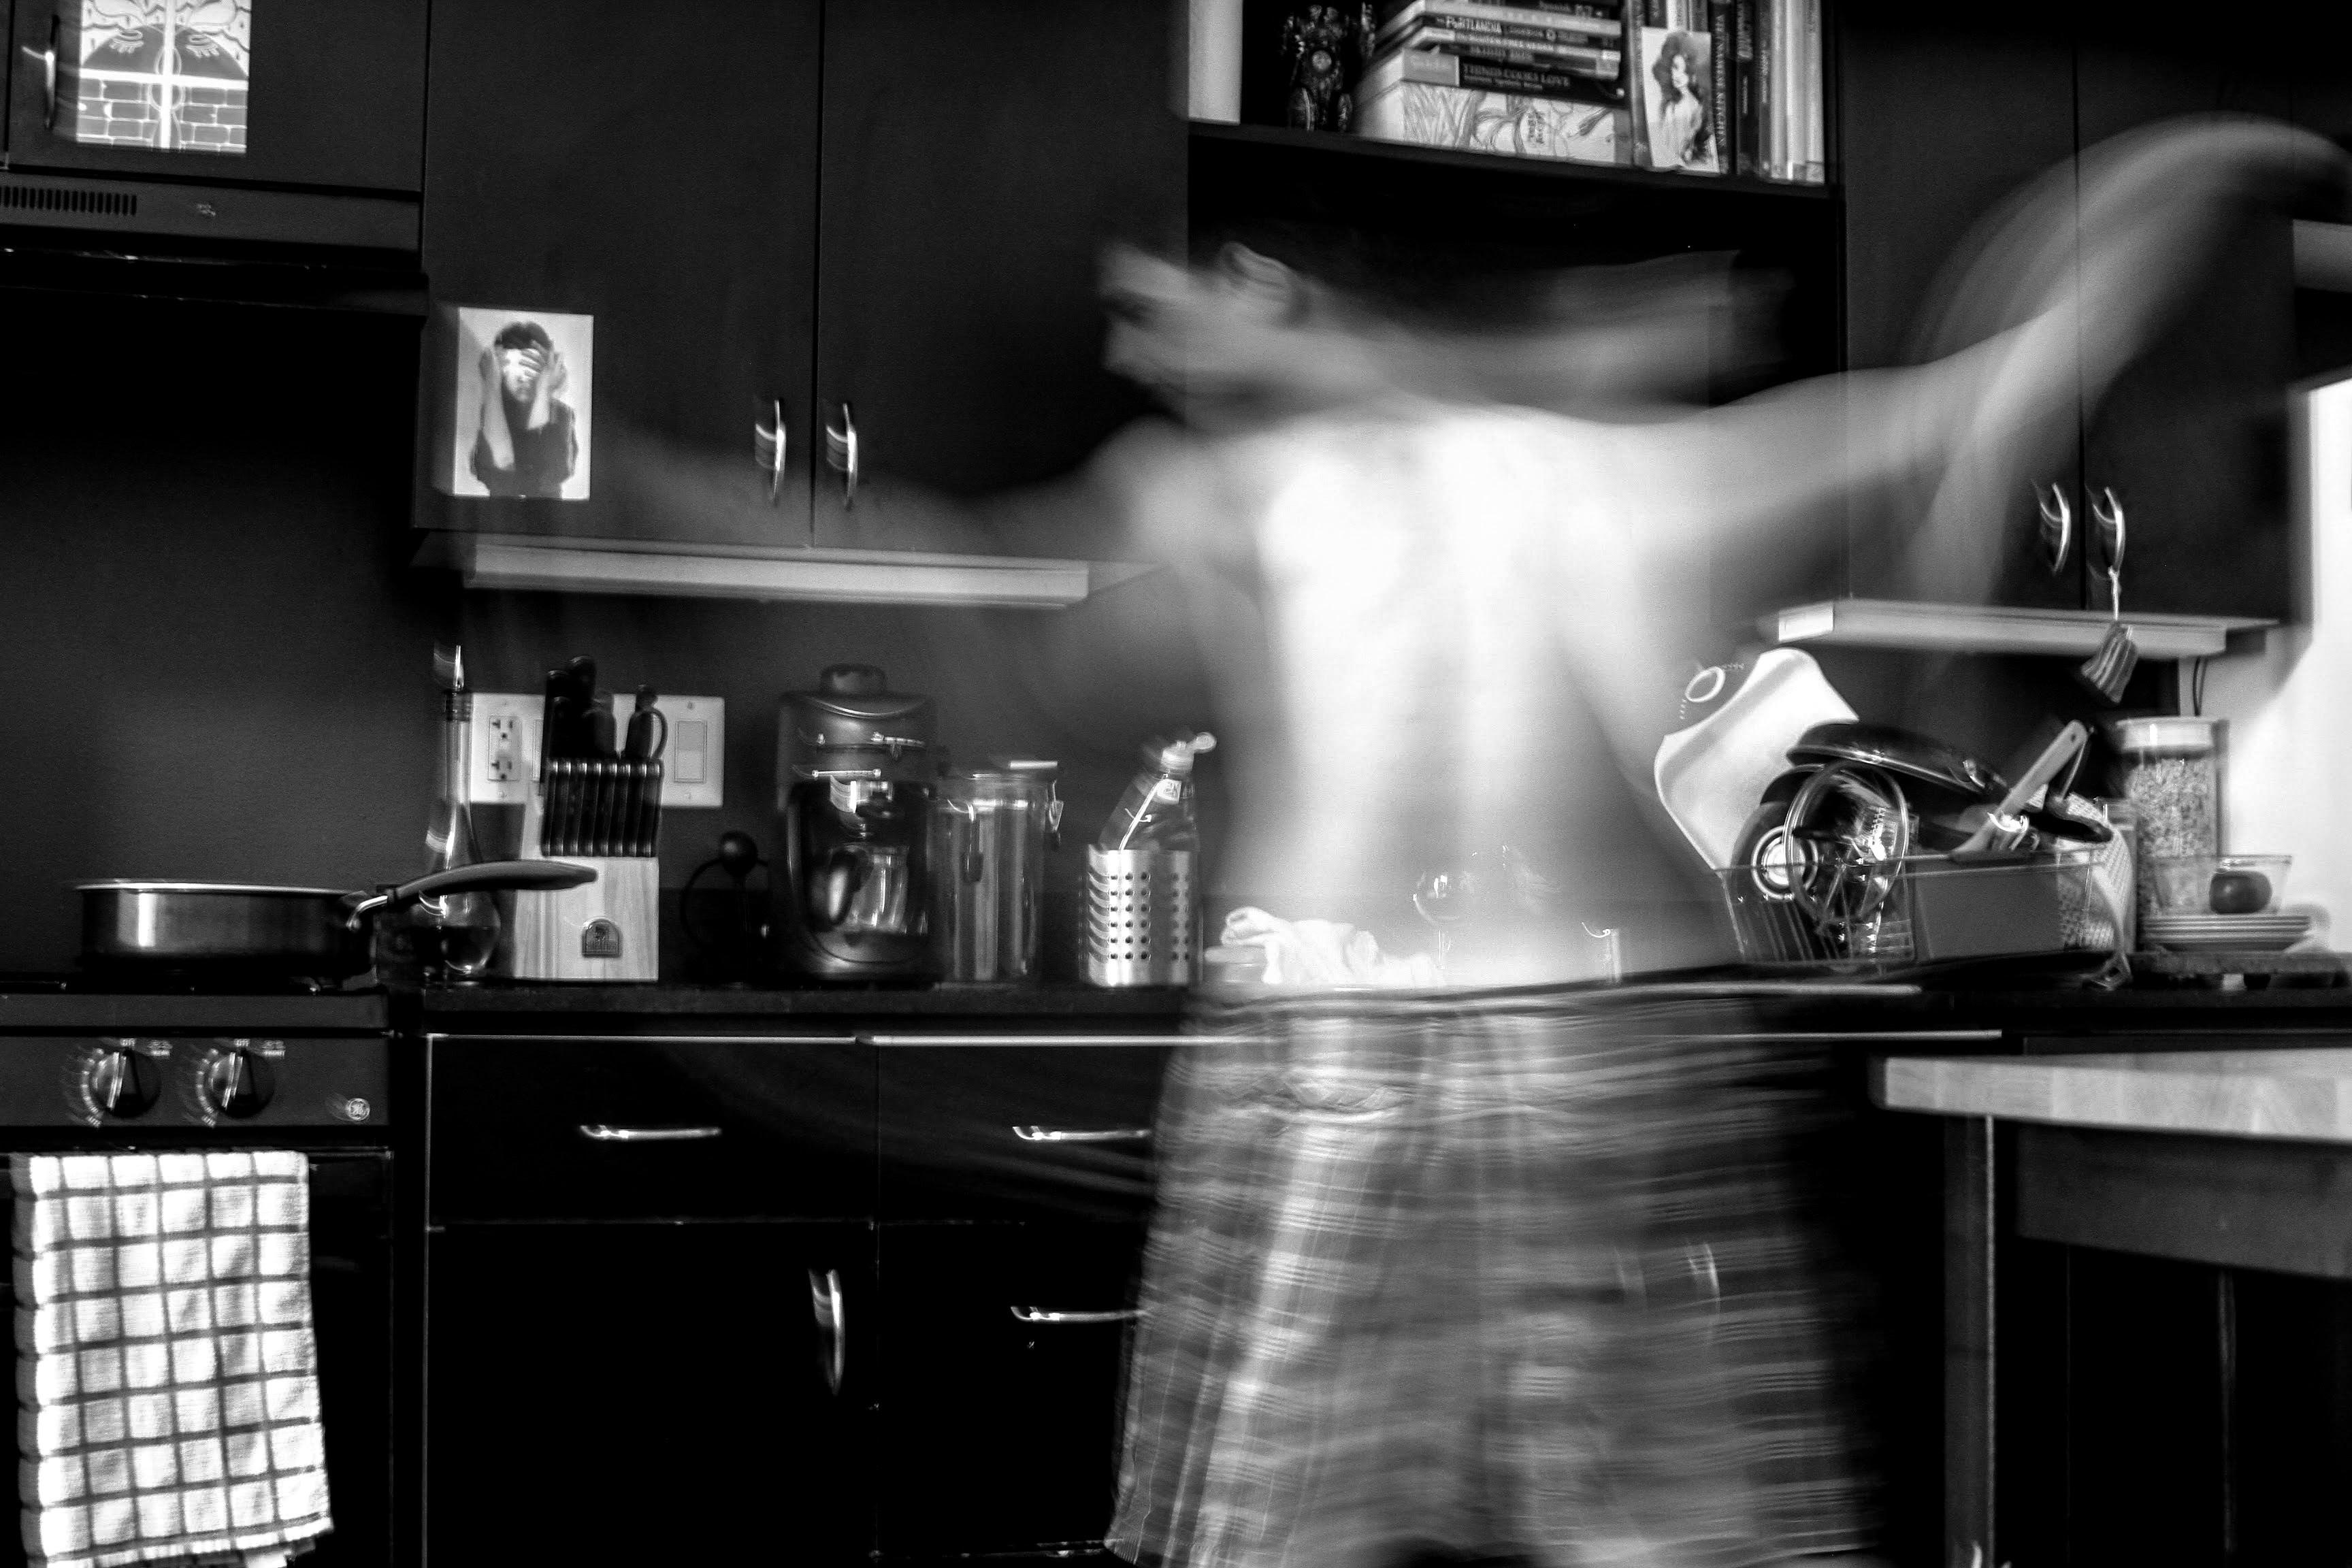 Refaire une beauté à sa cuisine : 5 façons de faire!